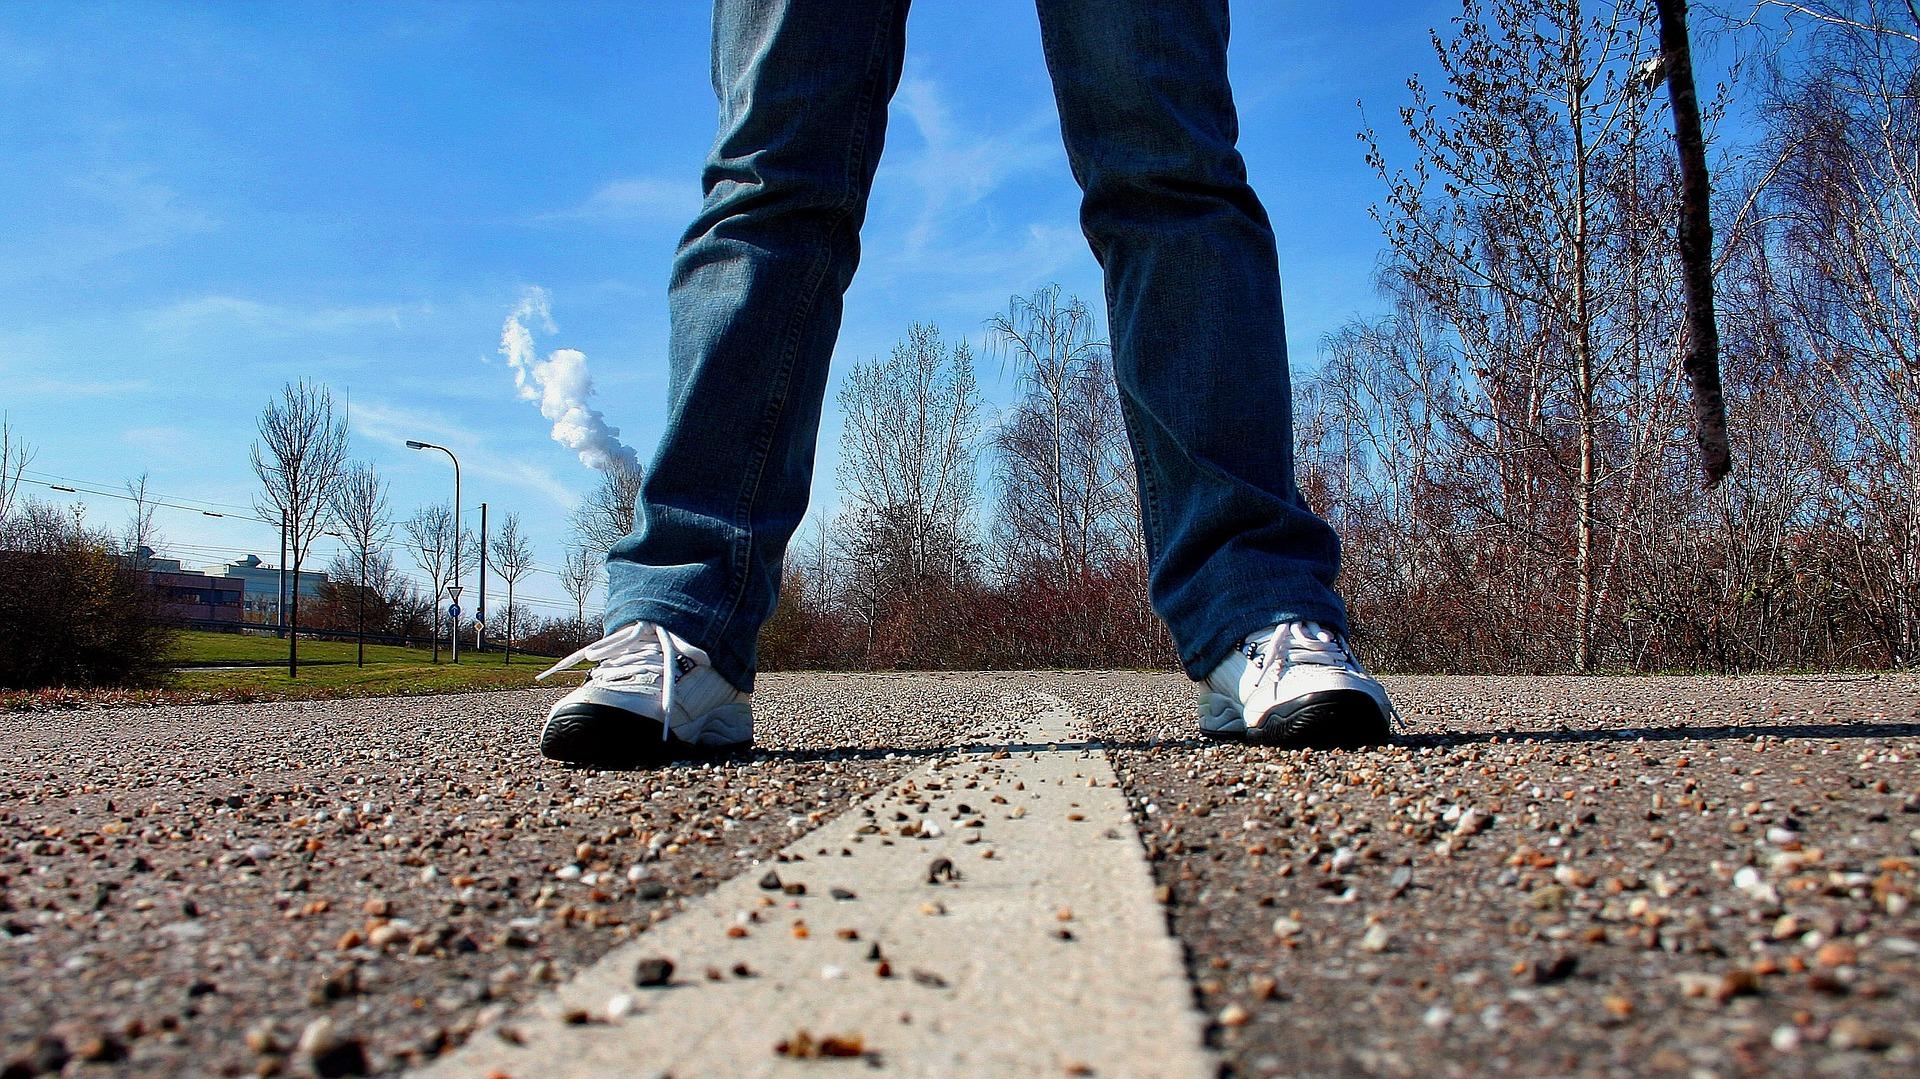 פילאטיס הוד השרון - יציבות שמגיעה מהעומק, הדרך הבטוחה לנוע בעולם